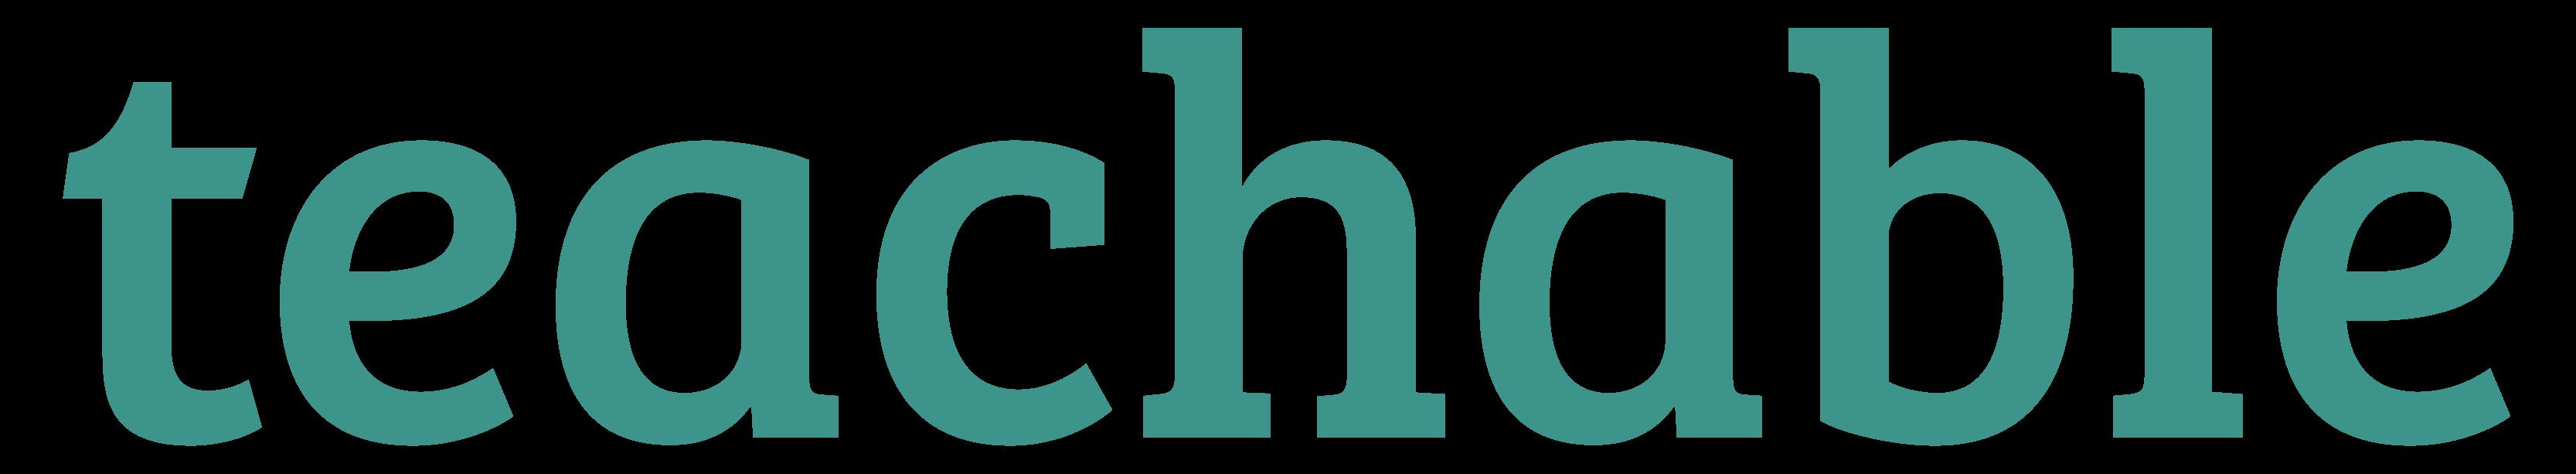 Teachable-logo-goccuaphu.com